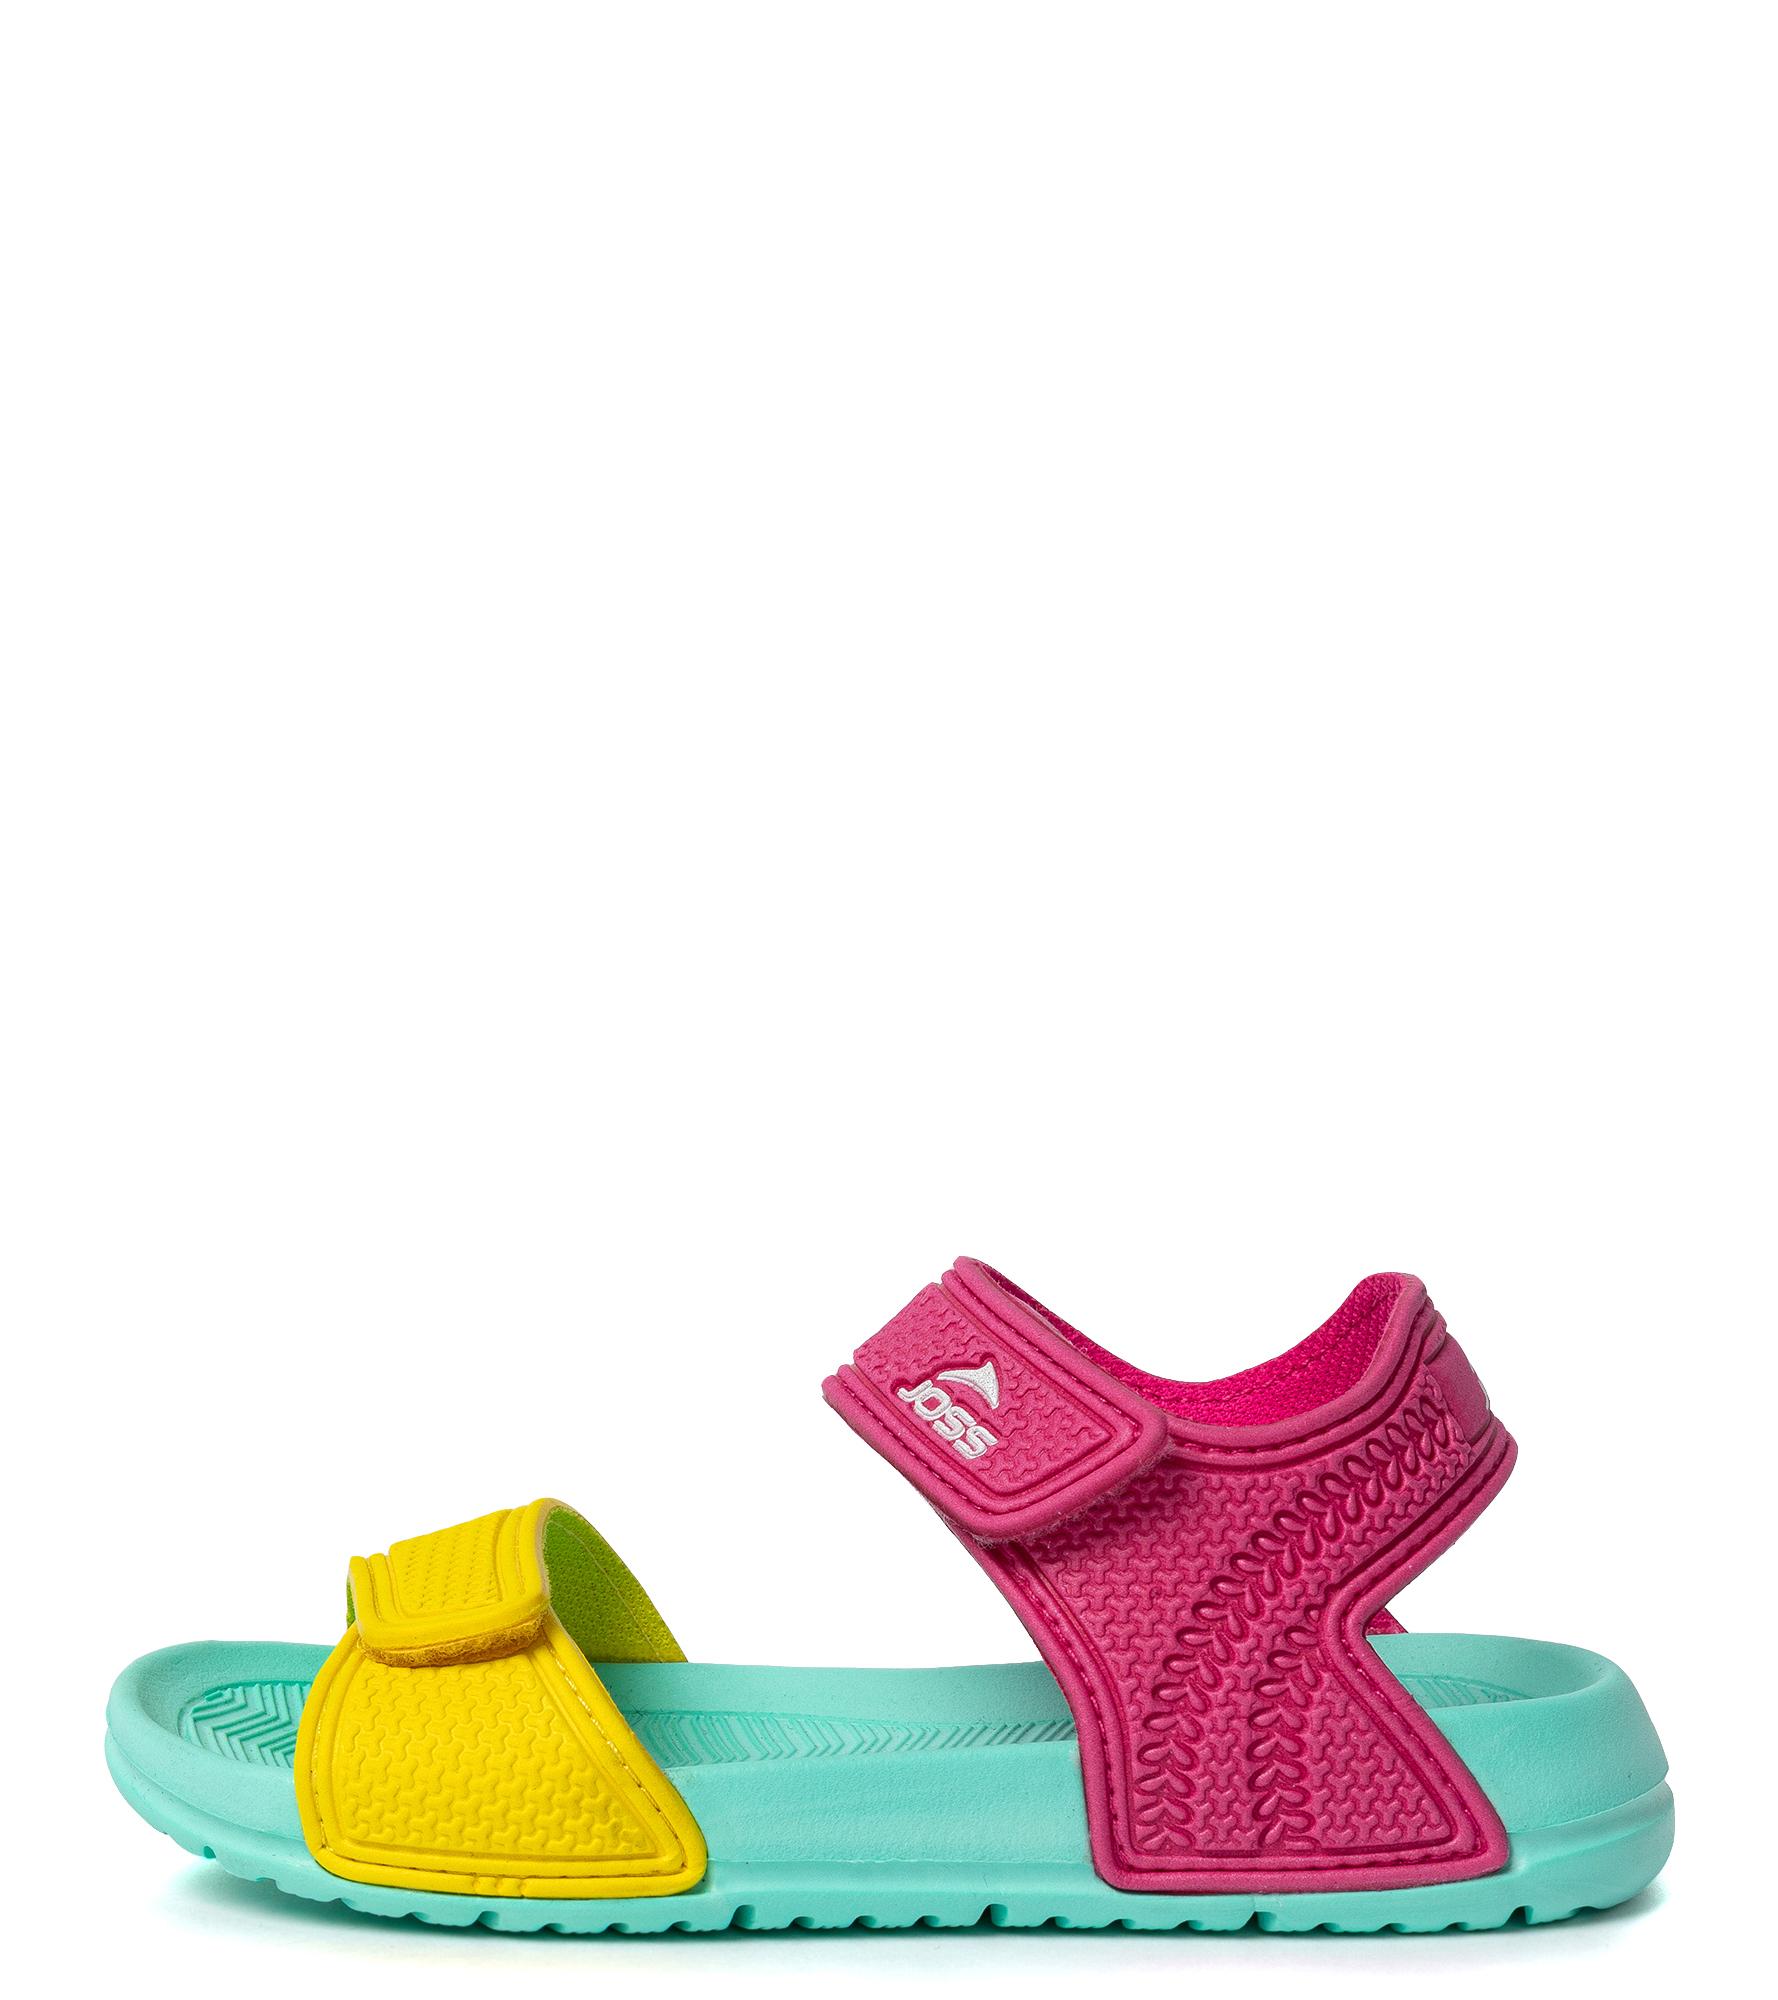 Joss Тапочки коралловые для девочек Aquashoes, размер 37